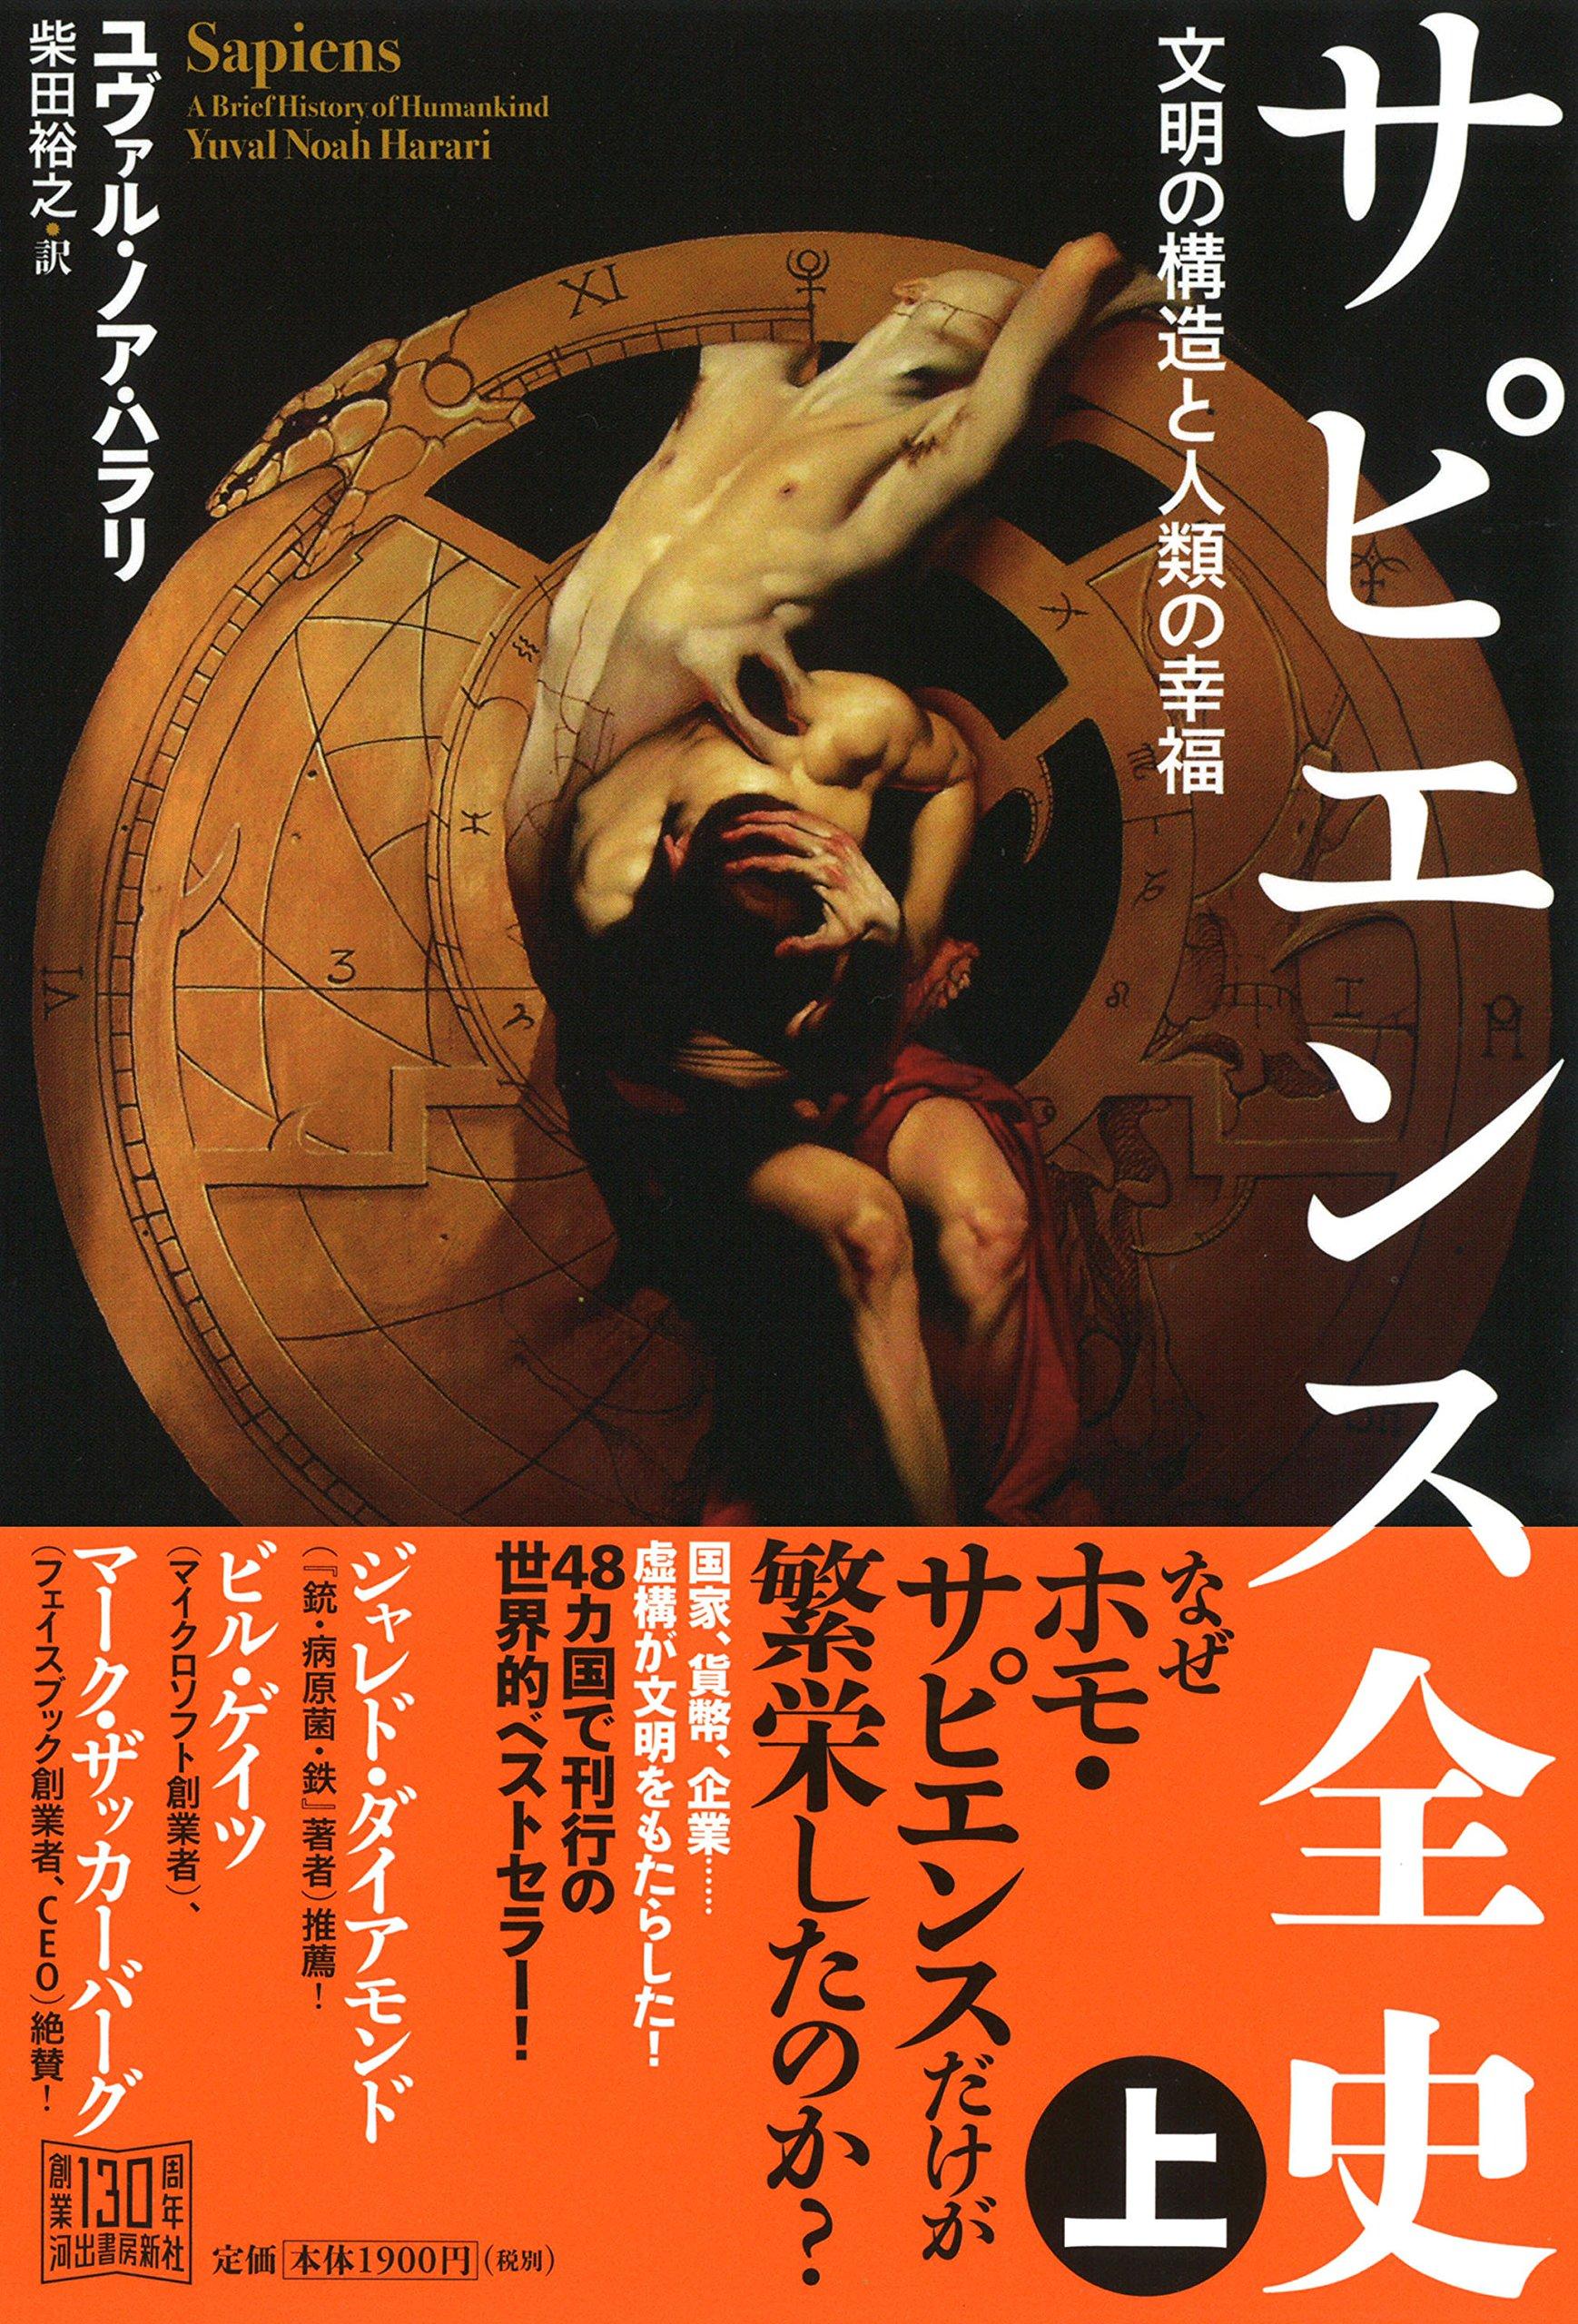 サピエンス 全 史 文庫 Amazon.co.jp: 人気のサピエンス全史